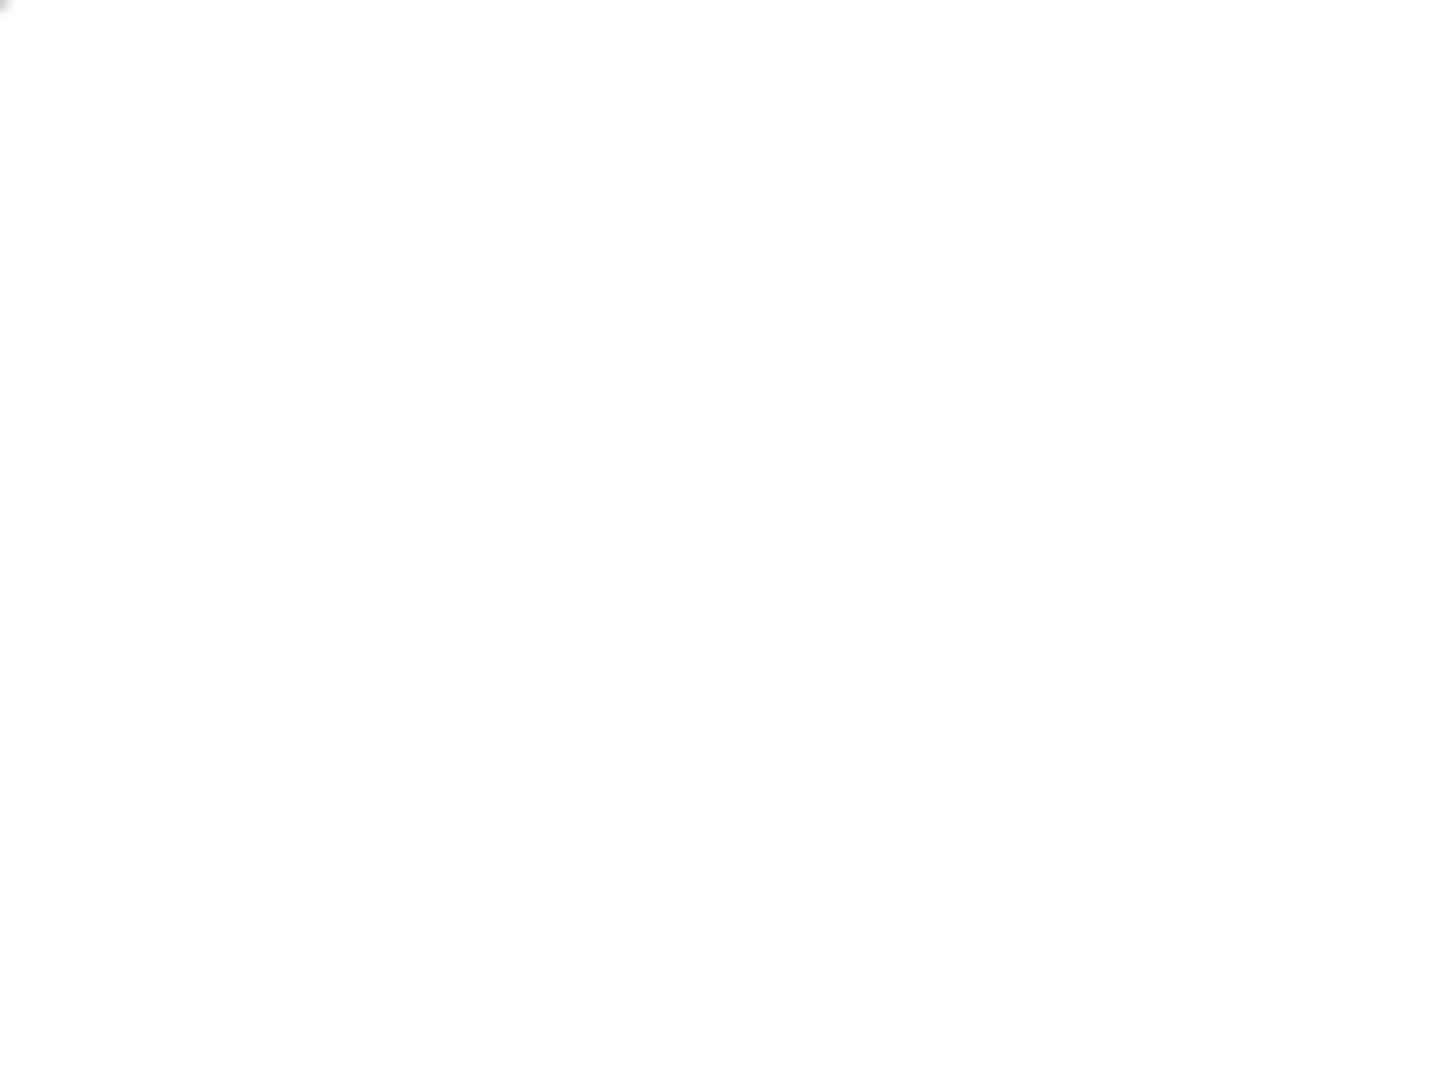 クランシー透過性排除するOld Spice ボディウォッシュ (Hawkridge, Wolfthorn) 473ml 2種 [並行輸入品]